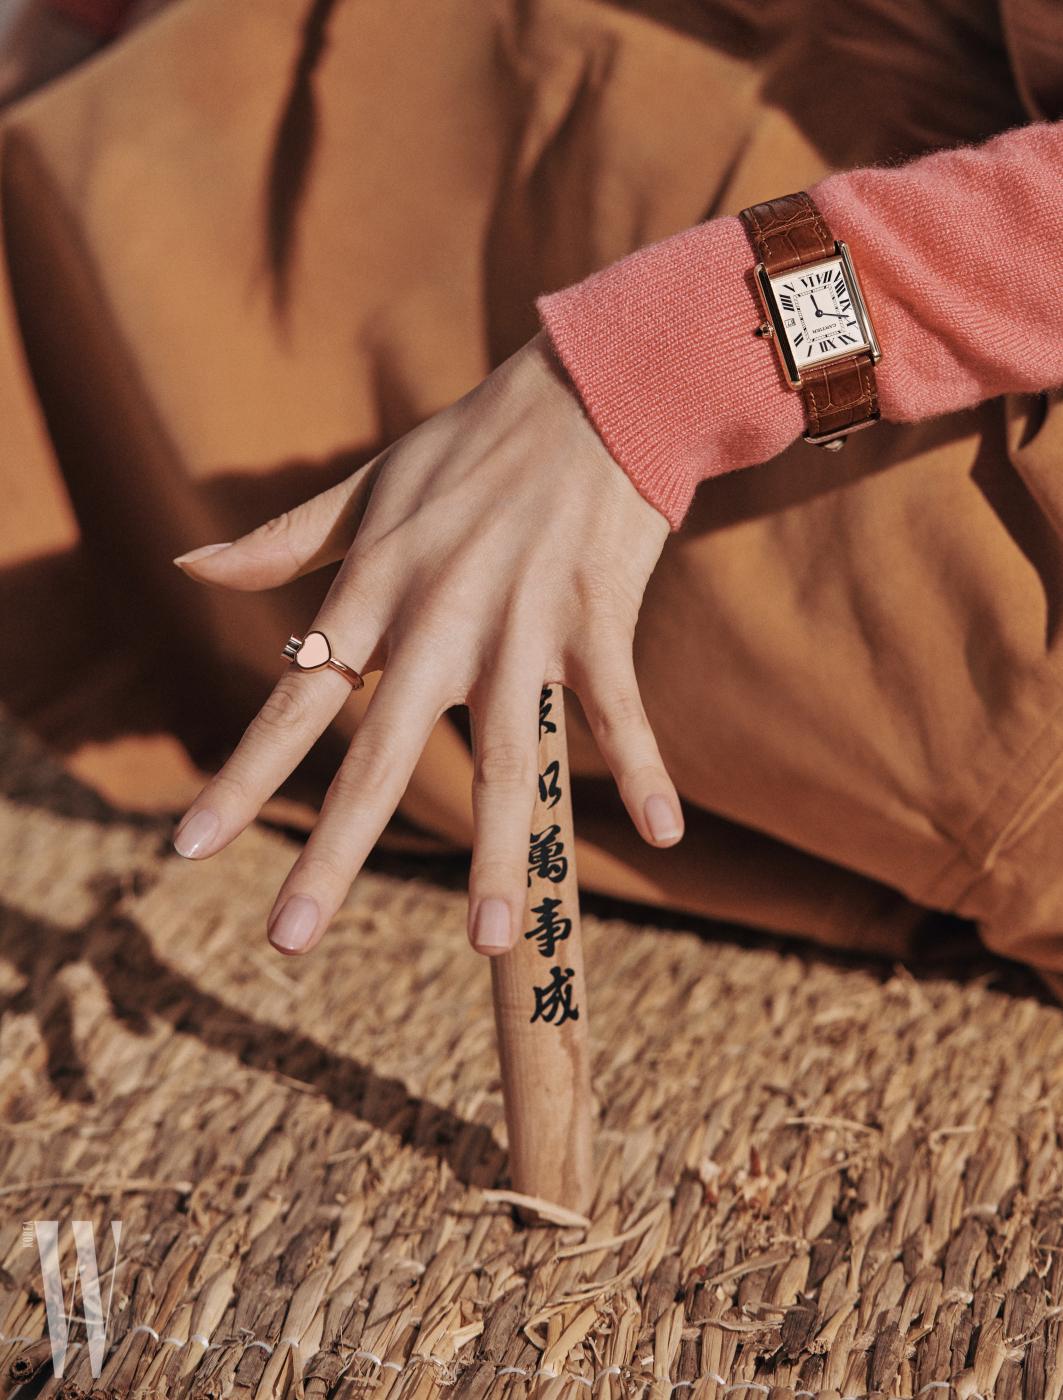 사랑스러운 하트 해피 H 링은 Chopard, 사파이어 카보숑을 세팅한 라지 사이즈 탱크 루이 까르띠에 워치는 Cartier 제품. 핑크색 카디건은 Chanel, 겨자색 스커트는 Acne Studios 제품.